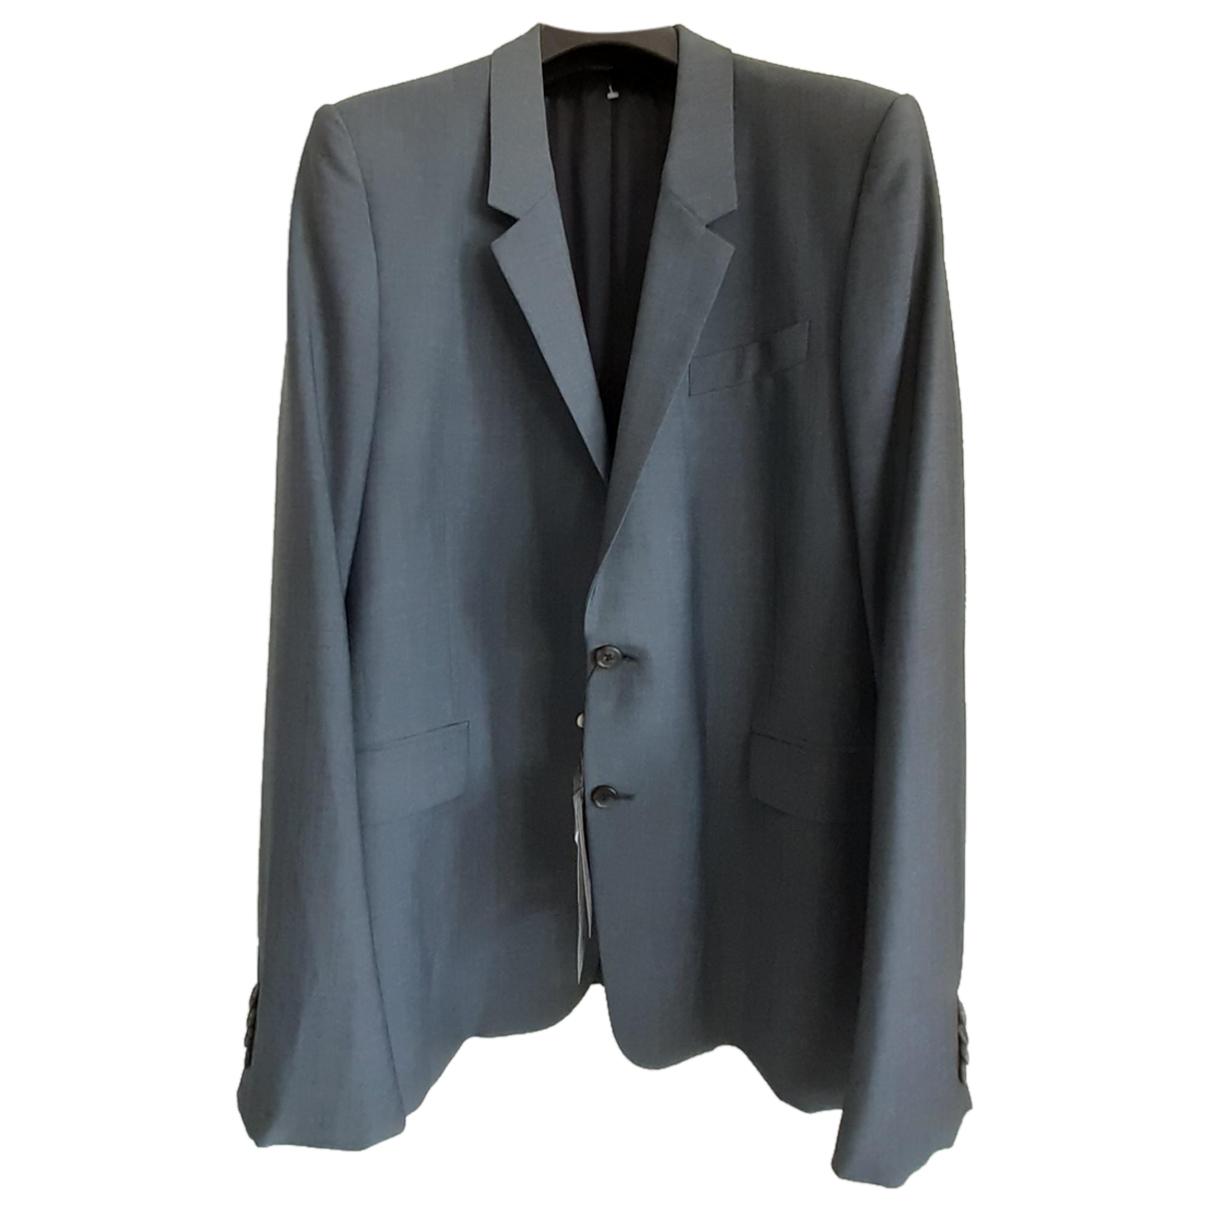 Alexander Mcqueen \N Grey Wool jacket  for Men 54 IT